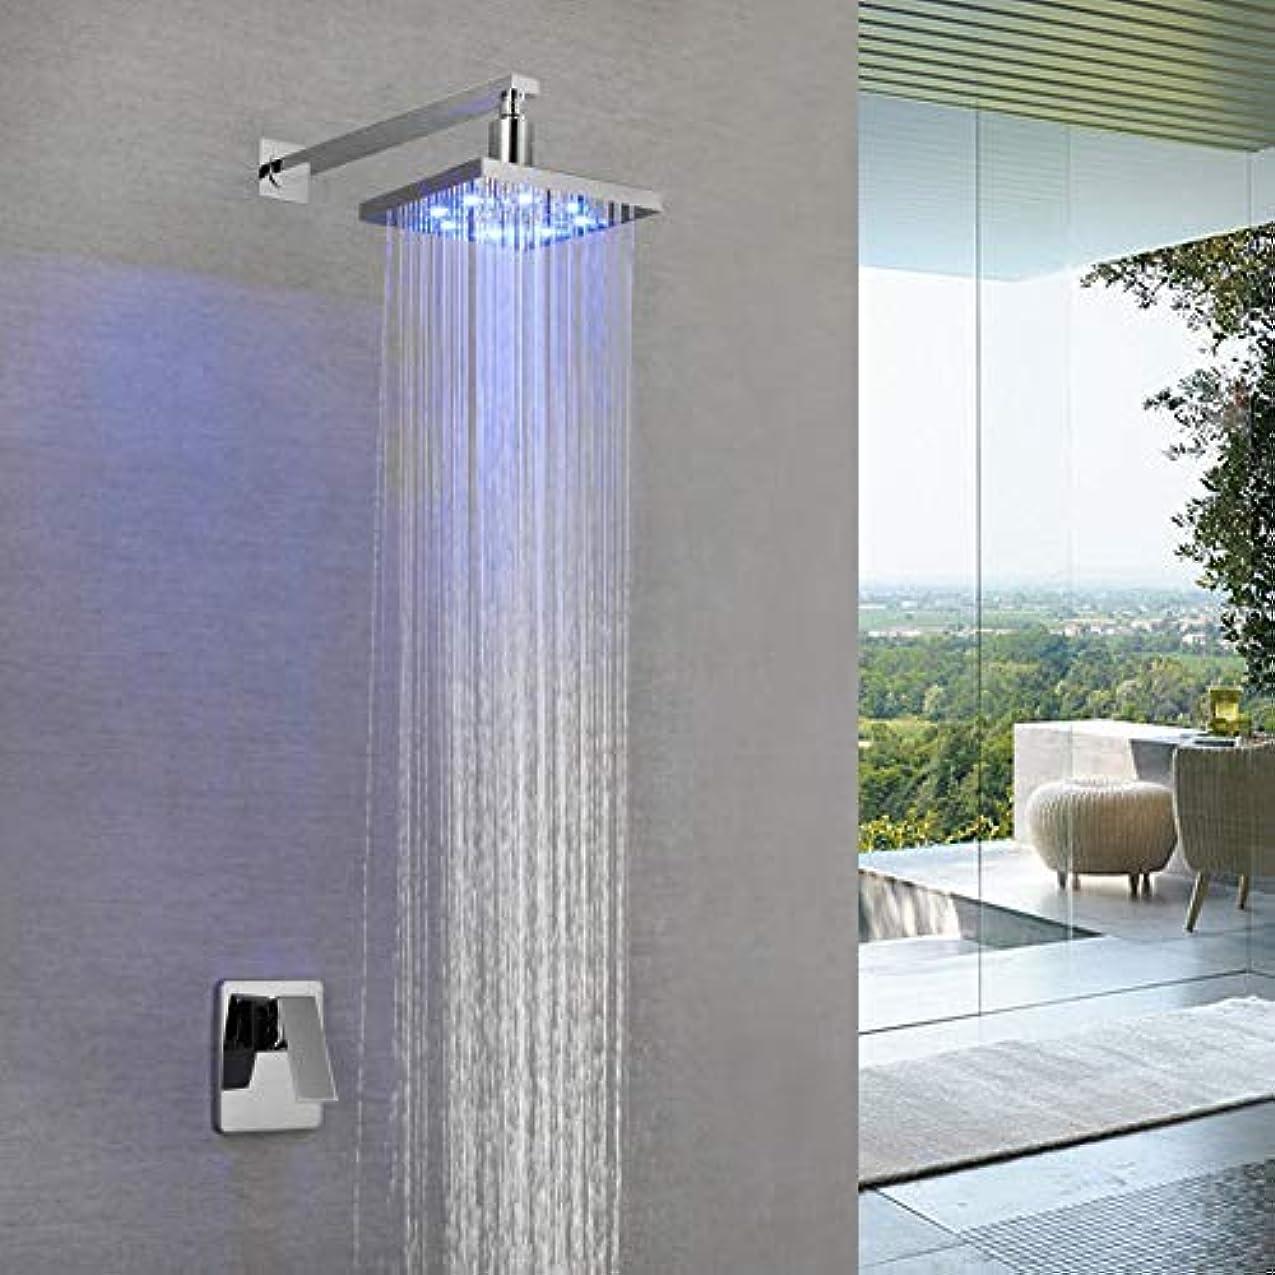 症候群料理をする真実LEDシャワーシステム、銅隠しシャワー蛇口セットLEDインウォール隠しシャワー高級ホテルのホームバス用の内蔵シャワーセット